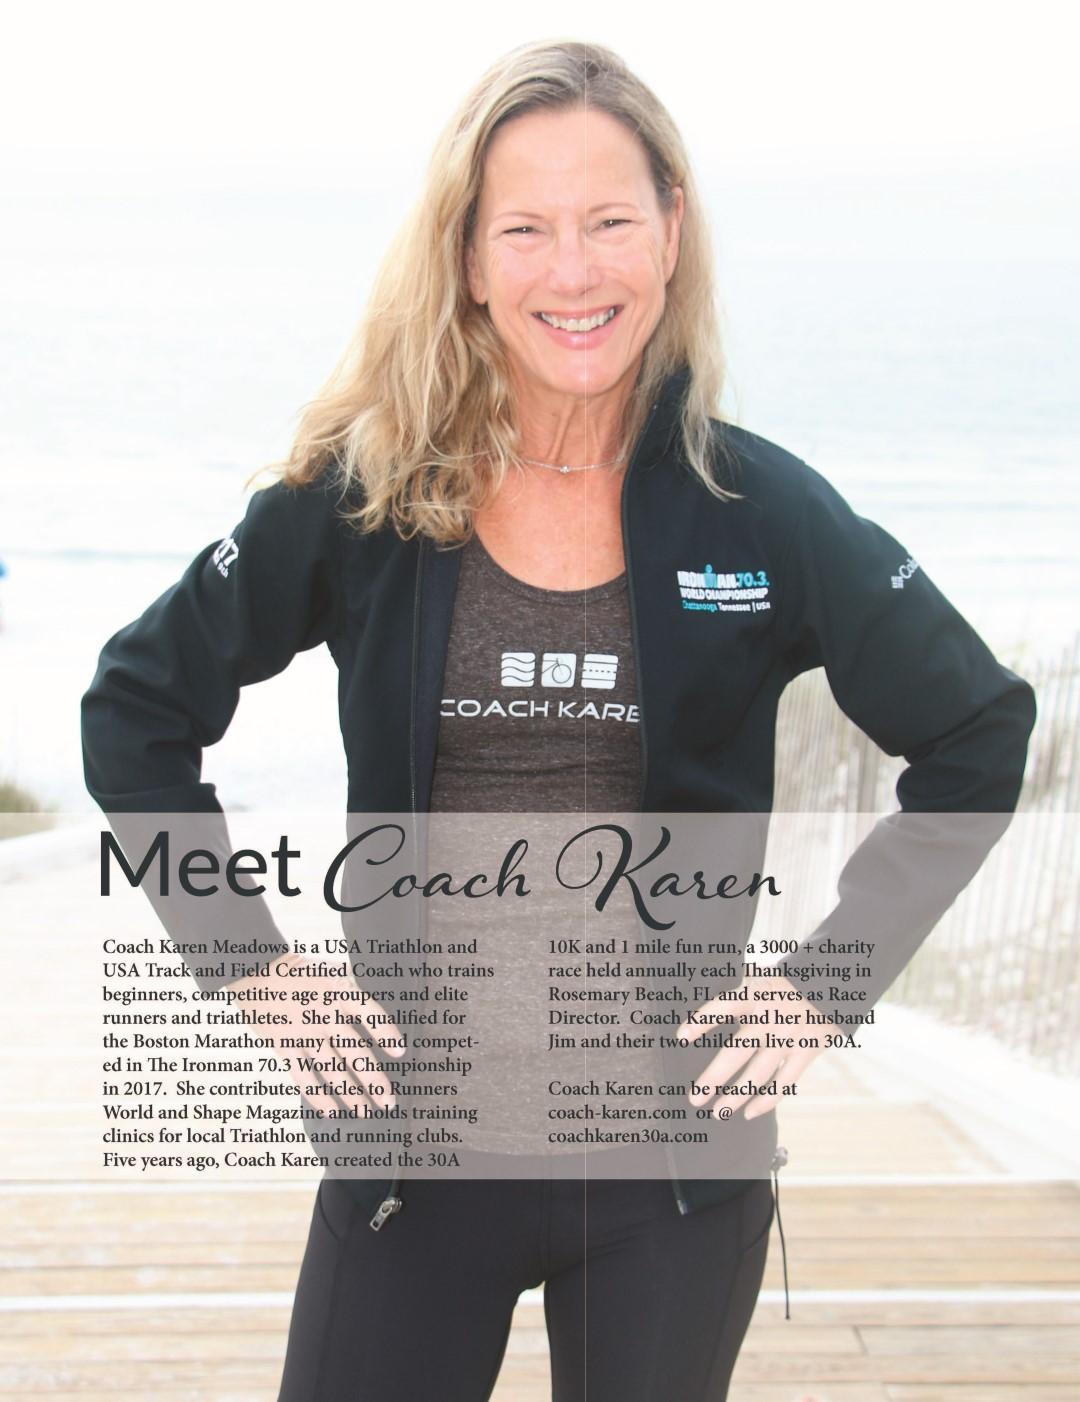 Coach Karen blog_Page_1 (Large).jpg